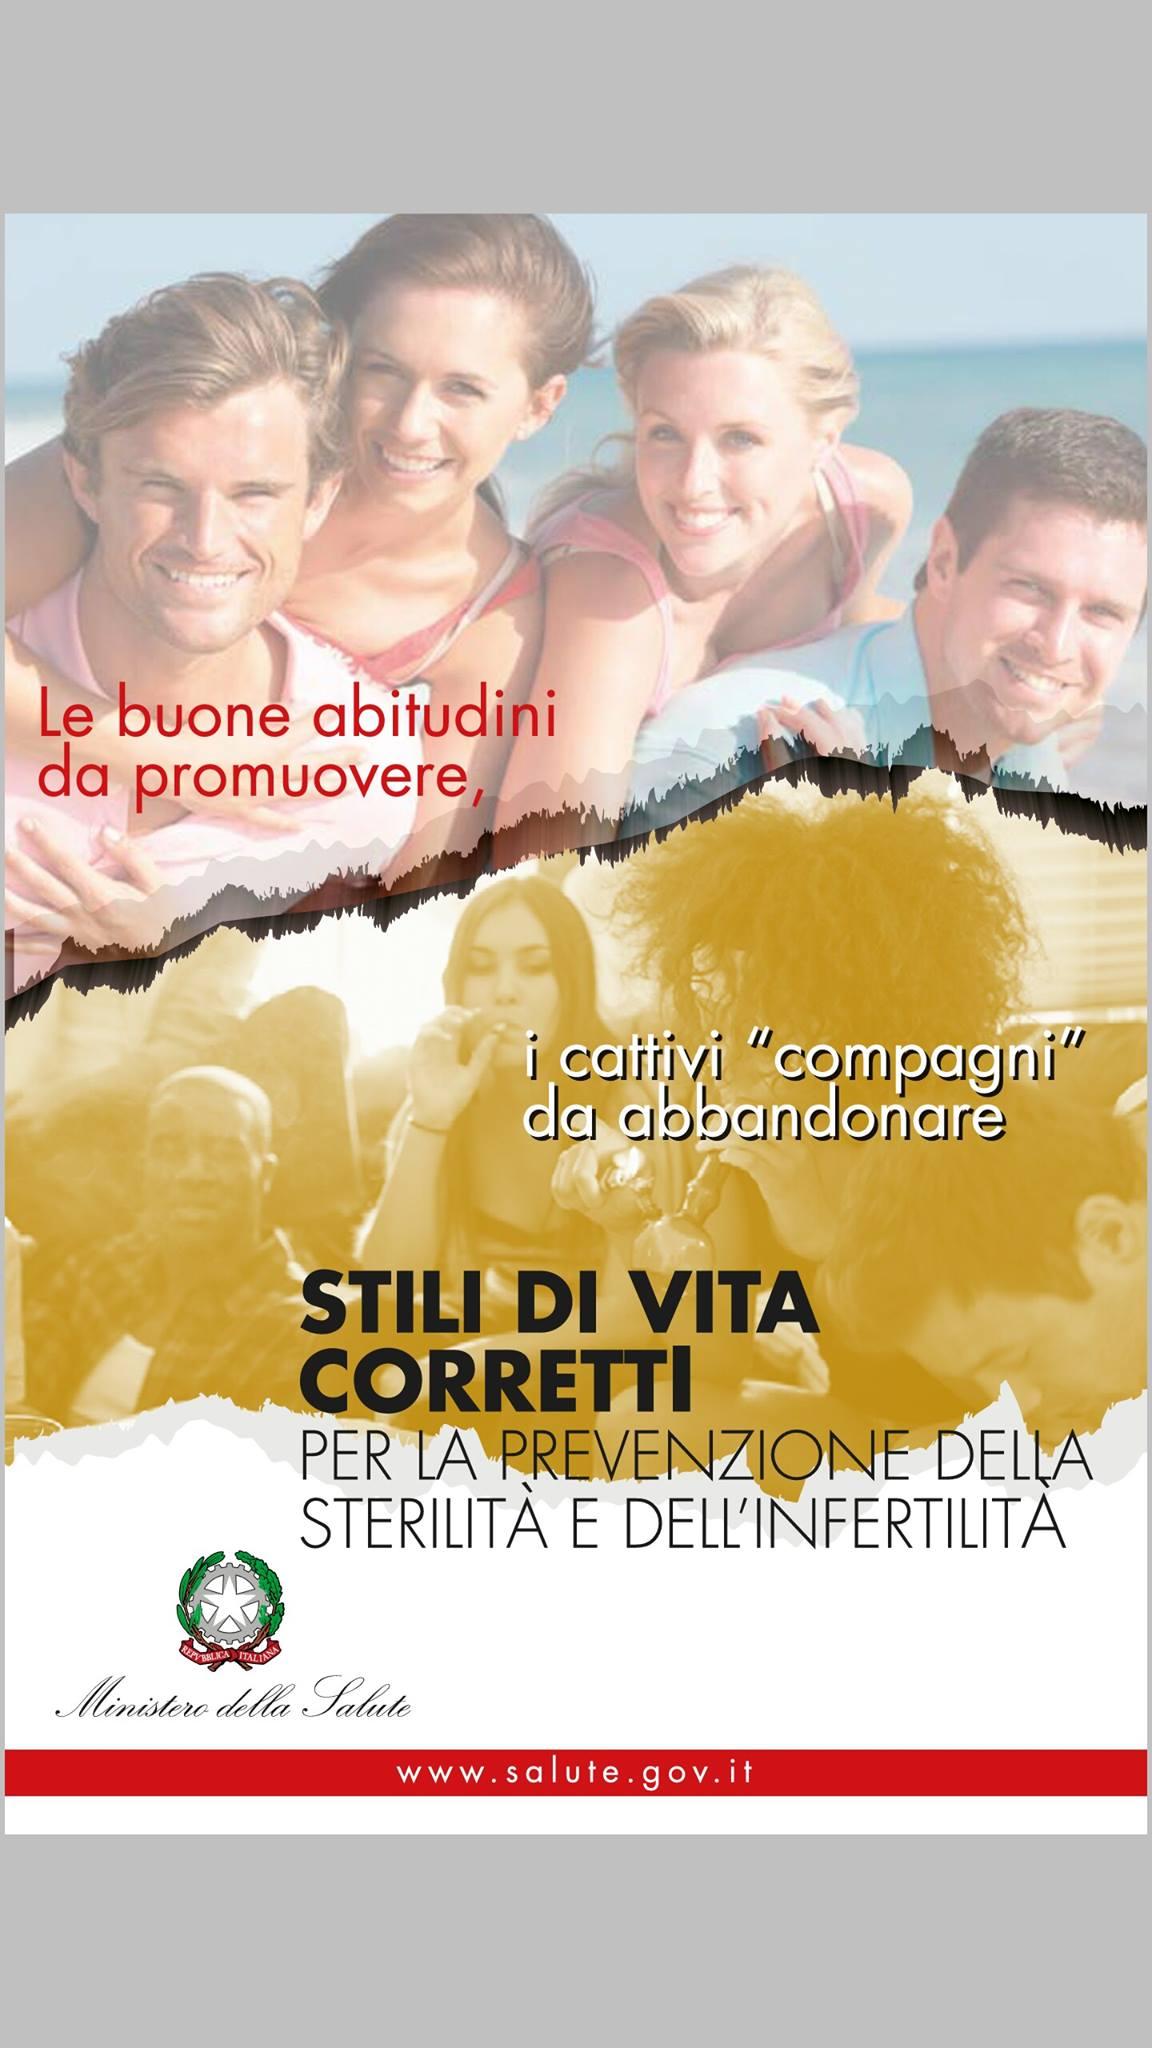 #FertilityDay nuova cartolina